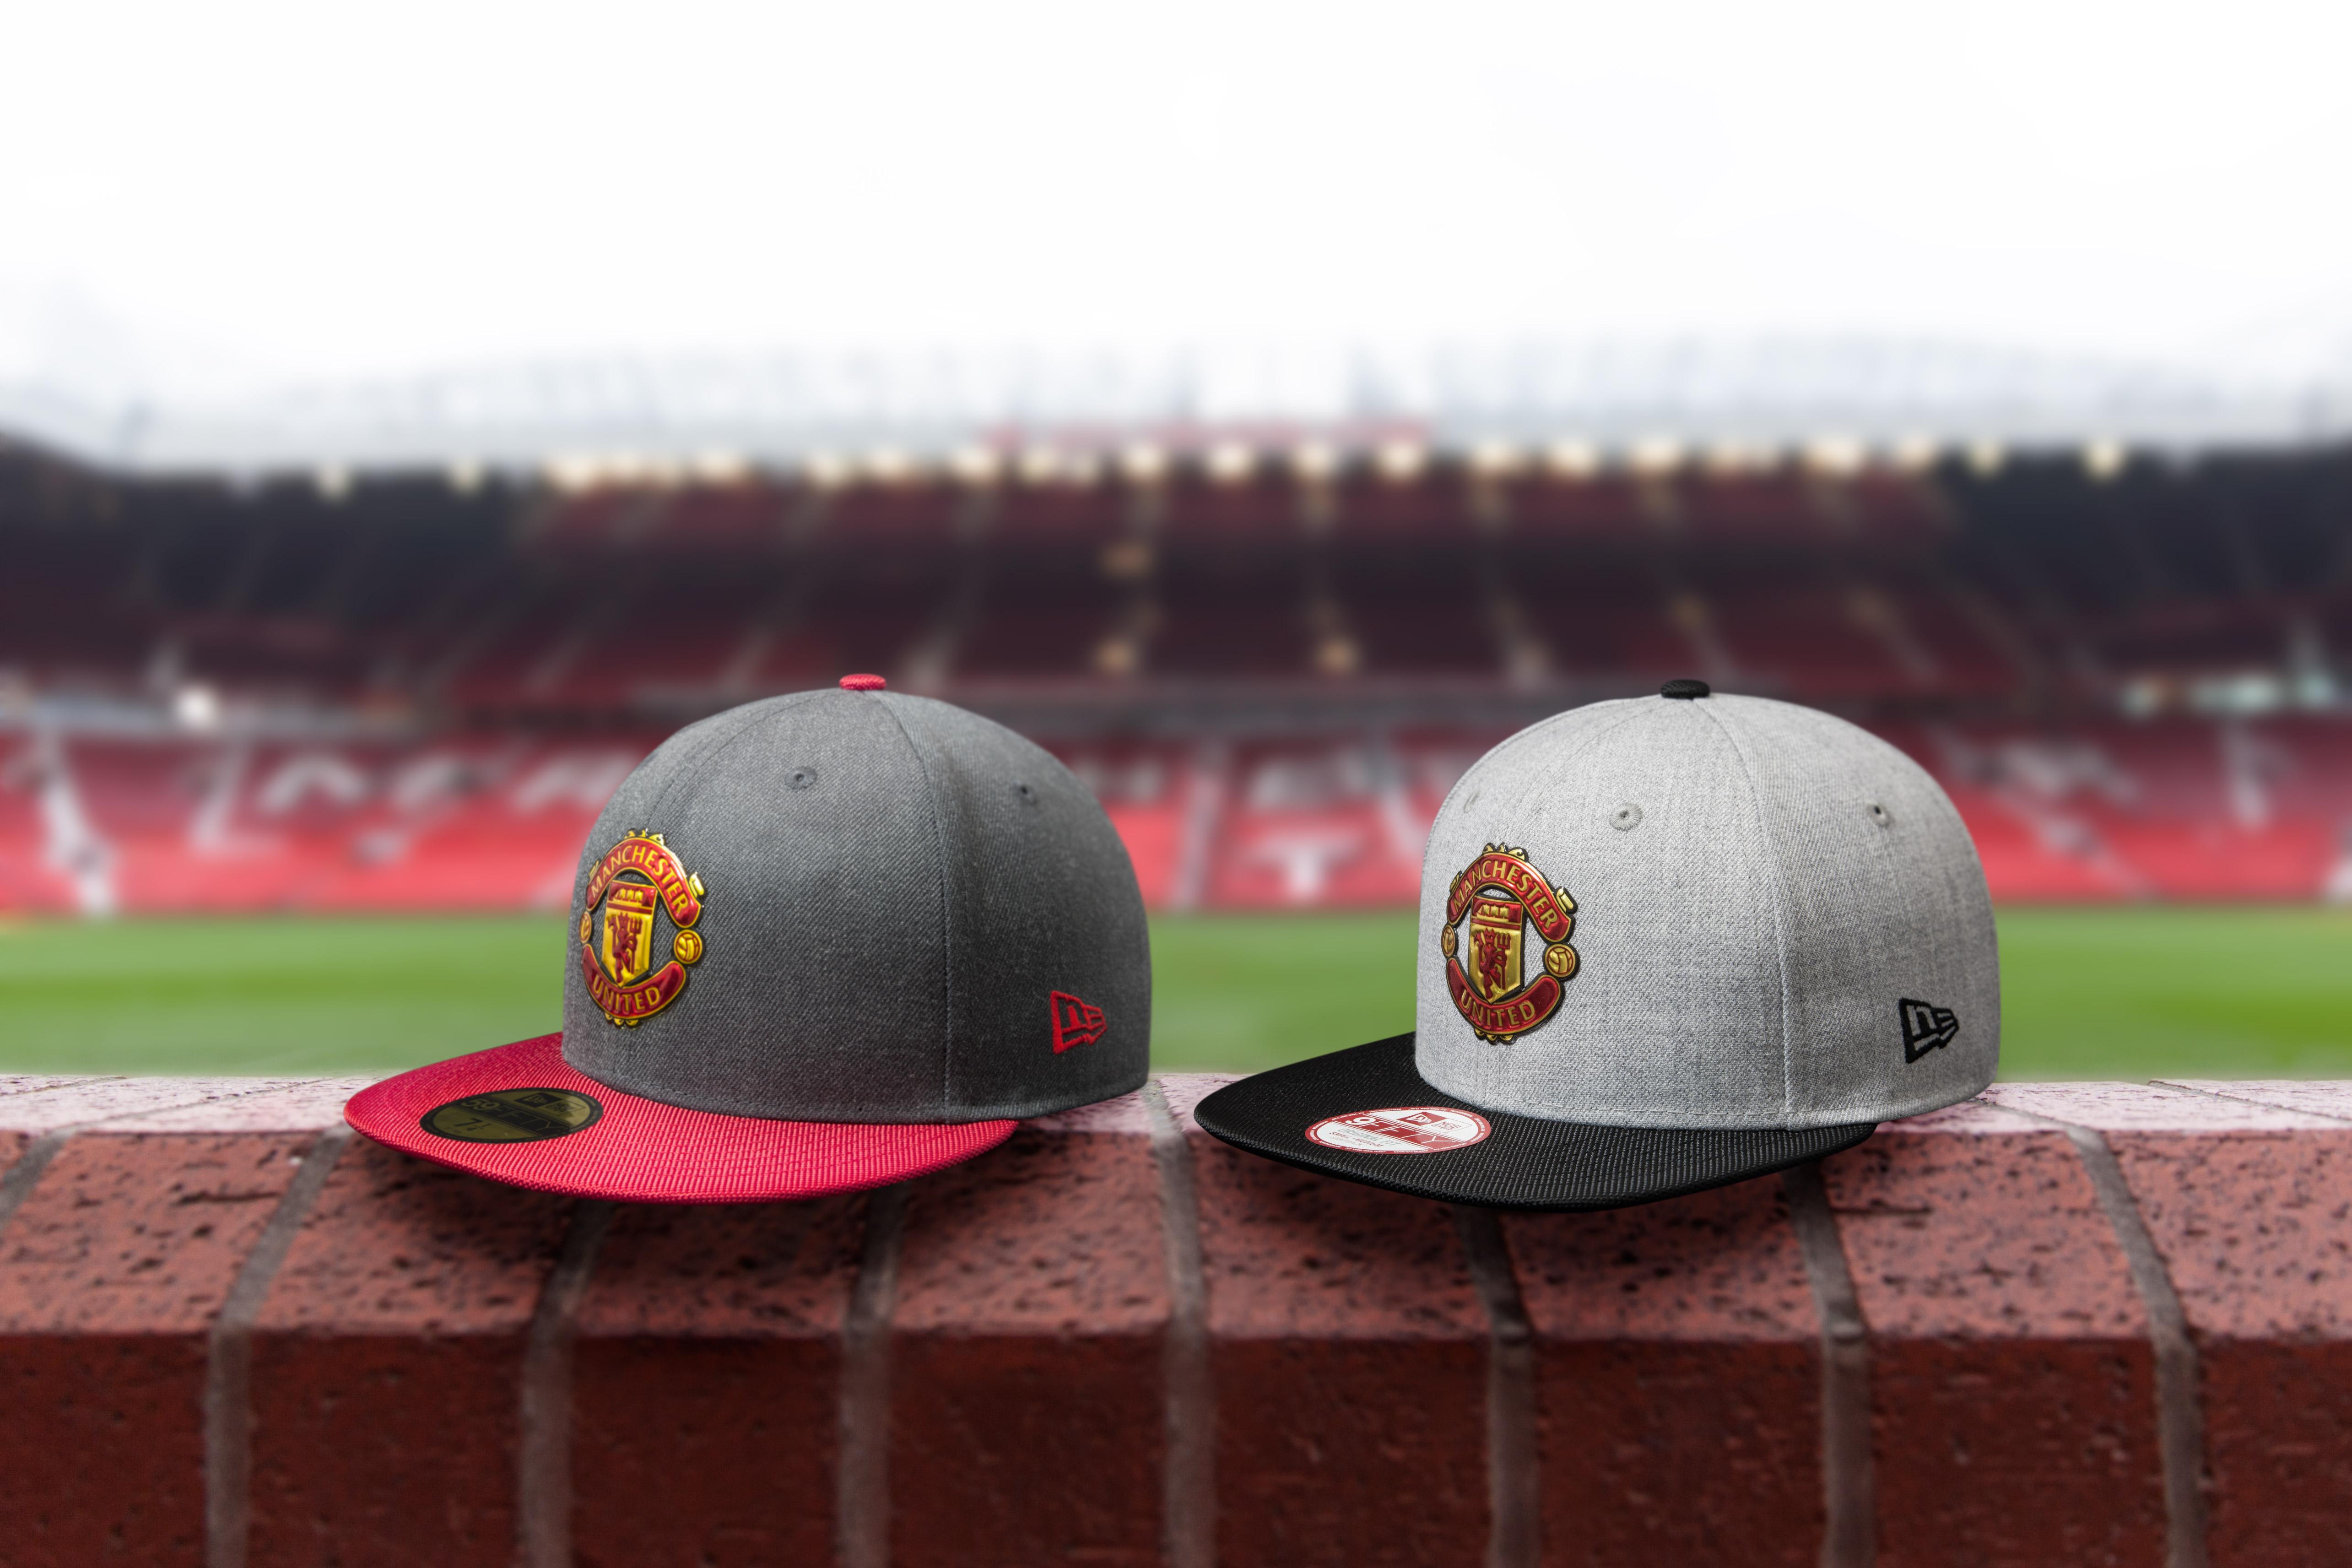 7f55ade14a523 New Era Caps en Old Trafford